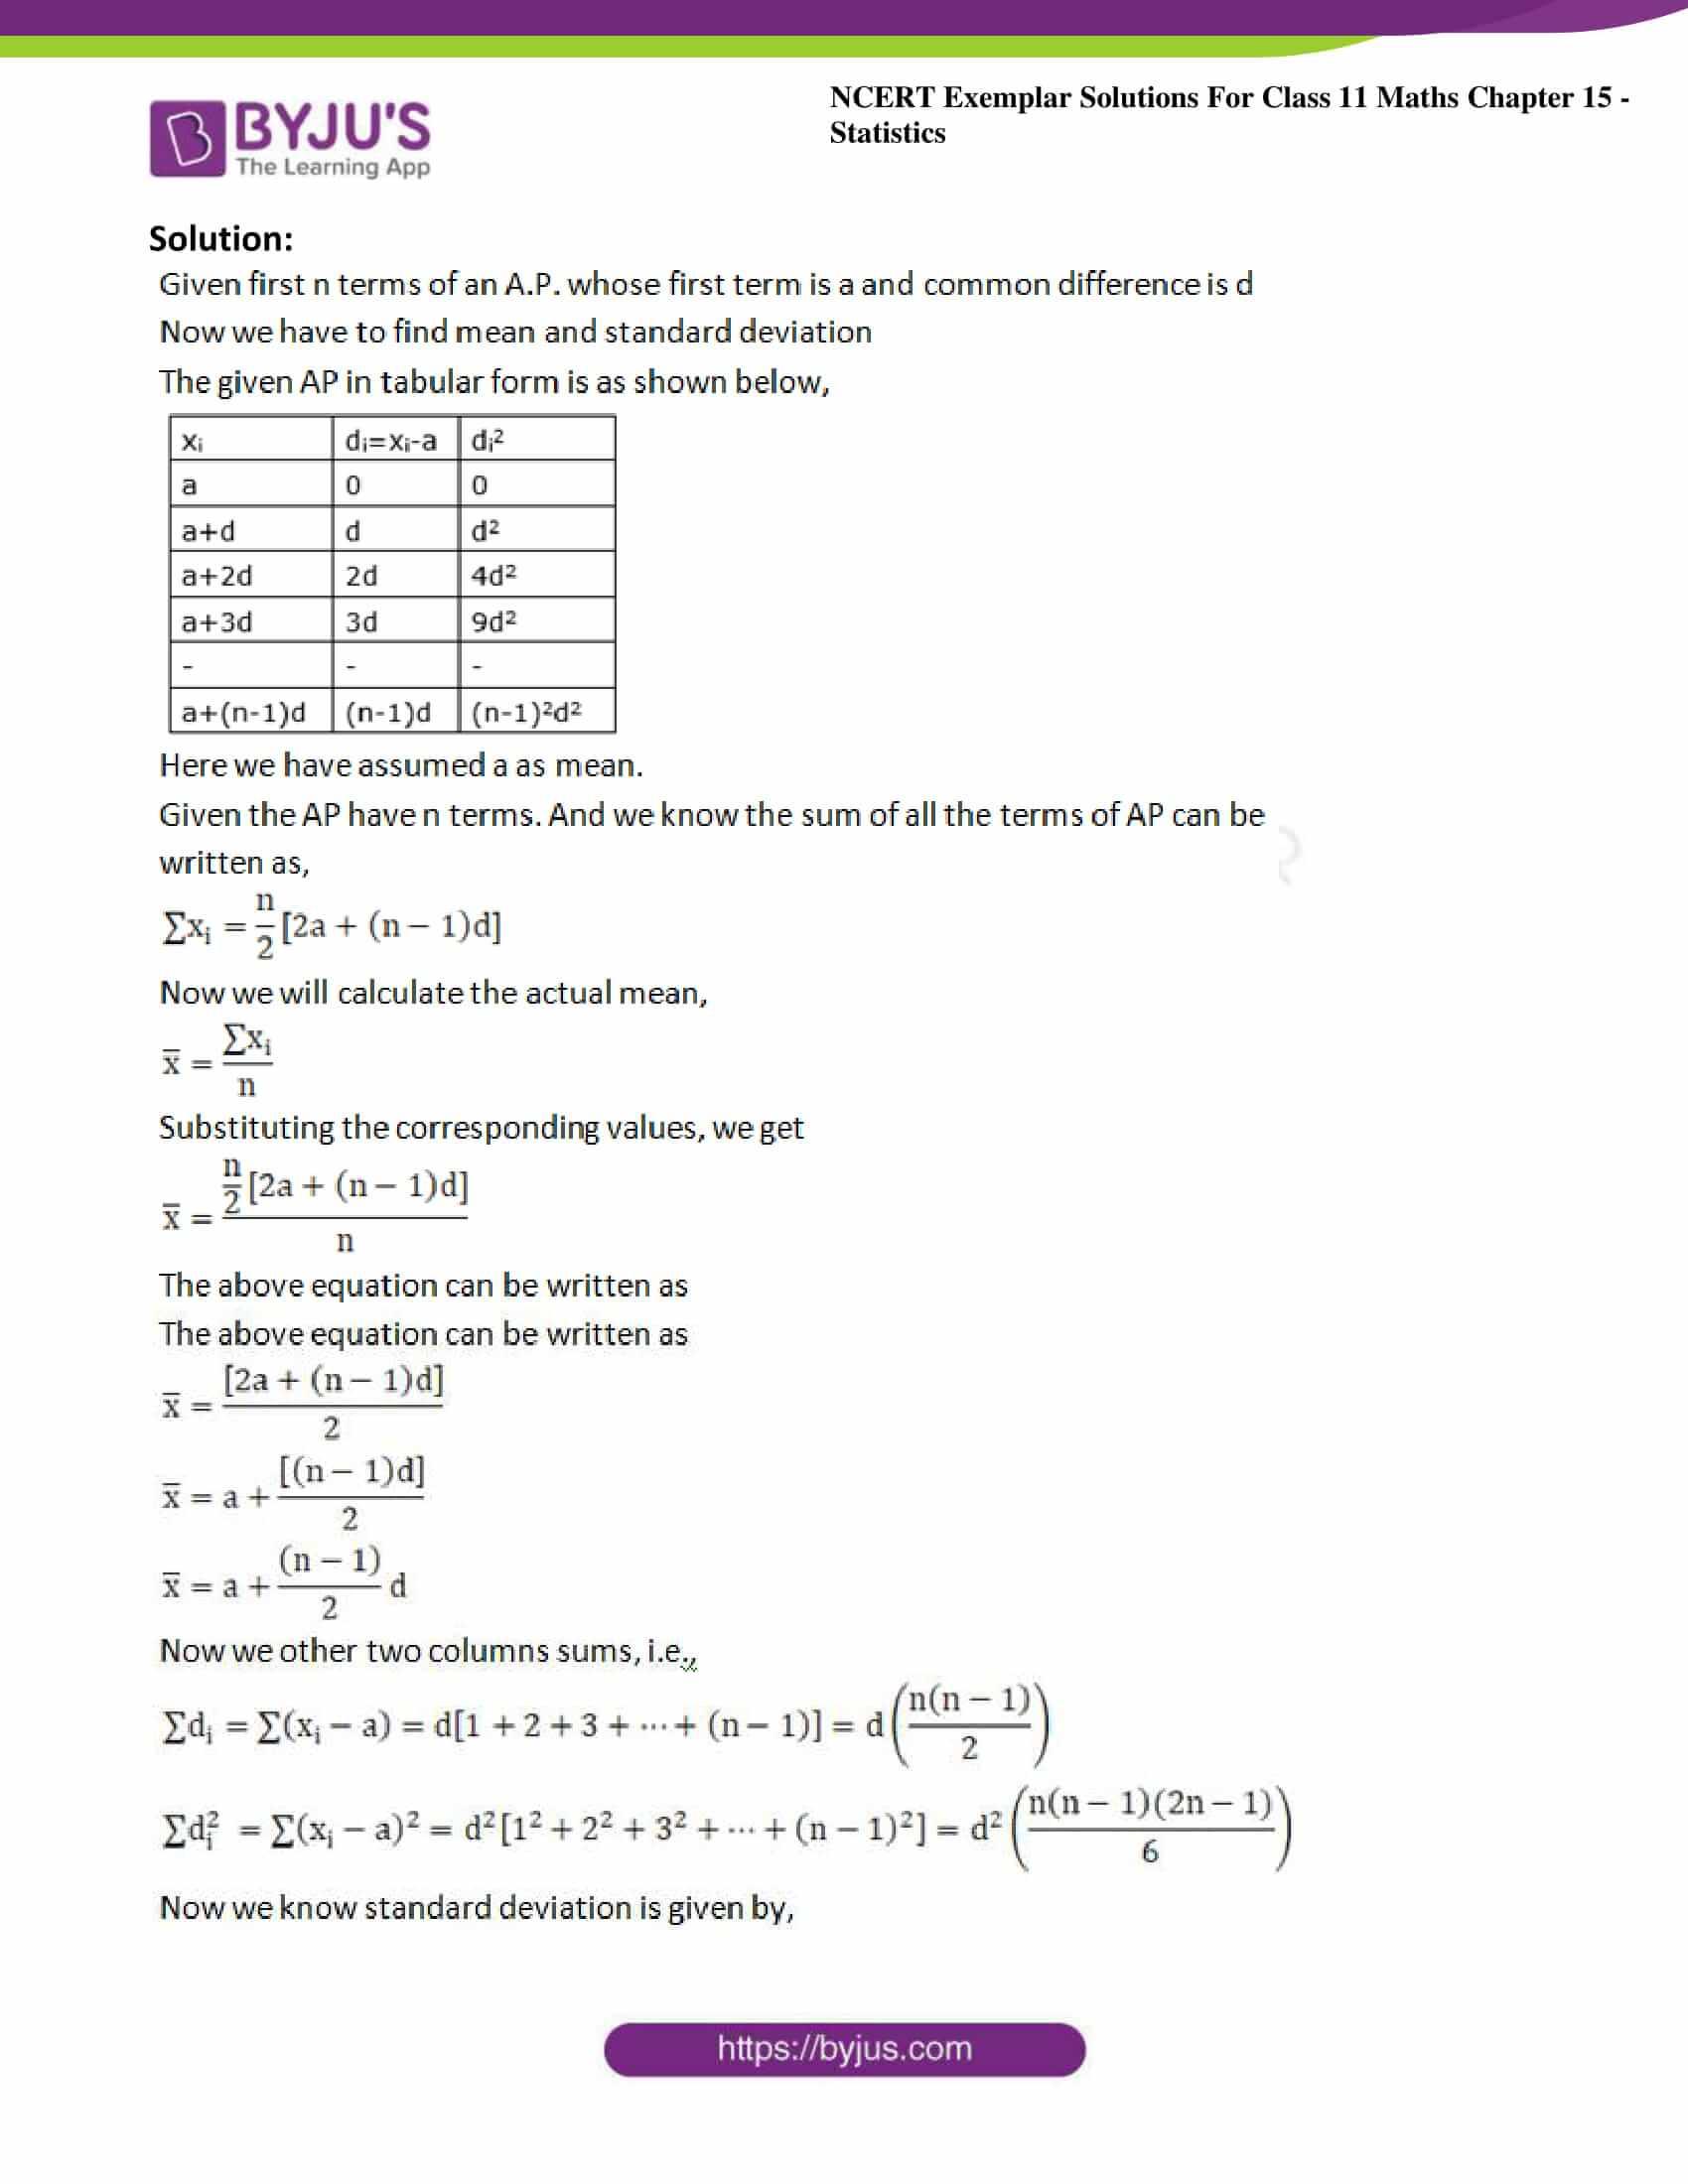 ncert exemplar sol class 11 maths chpt 15 statistics 28